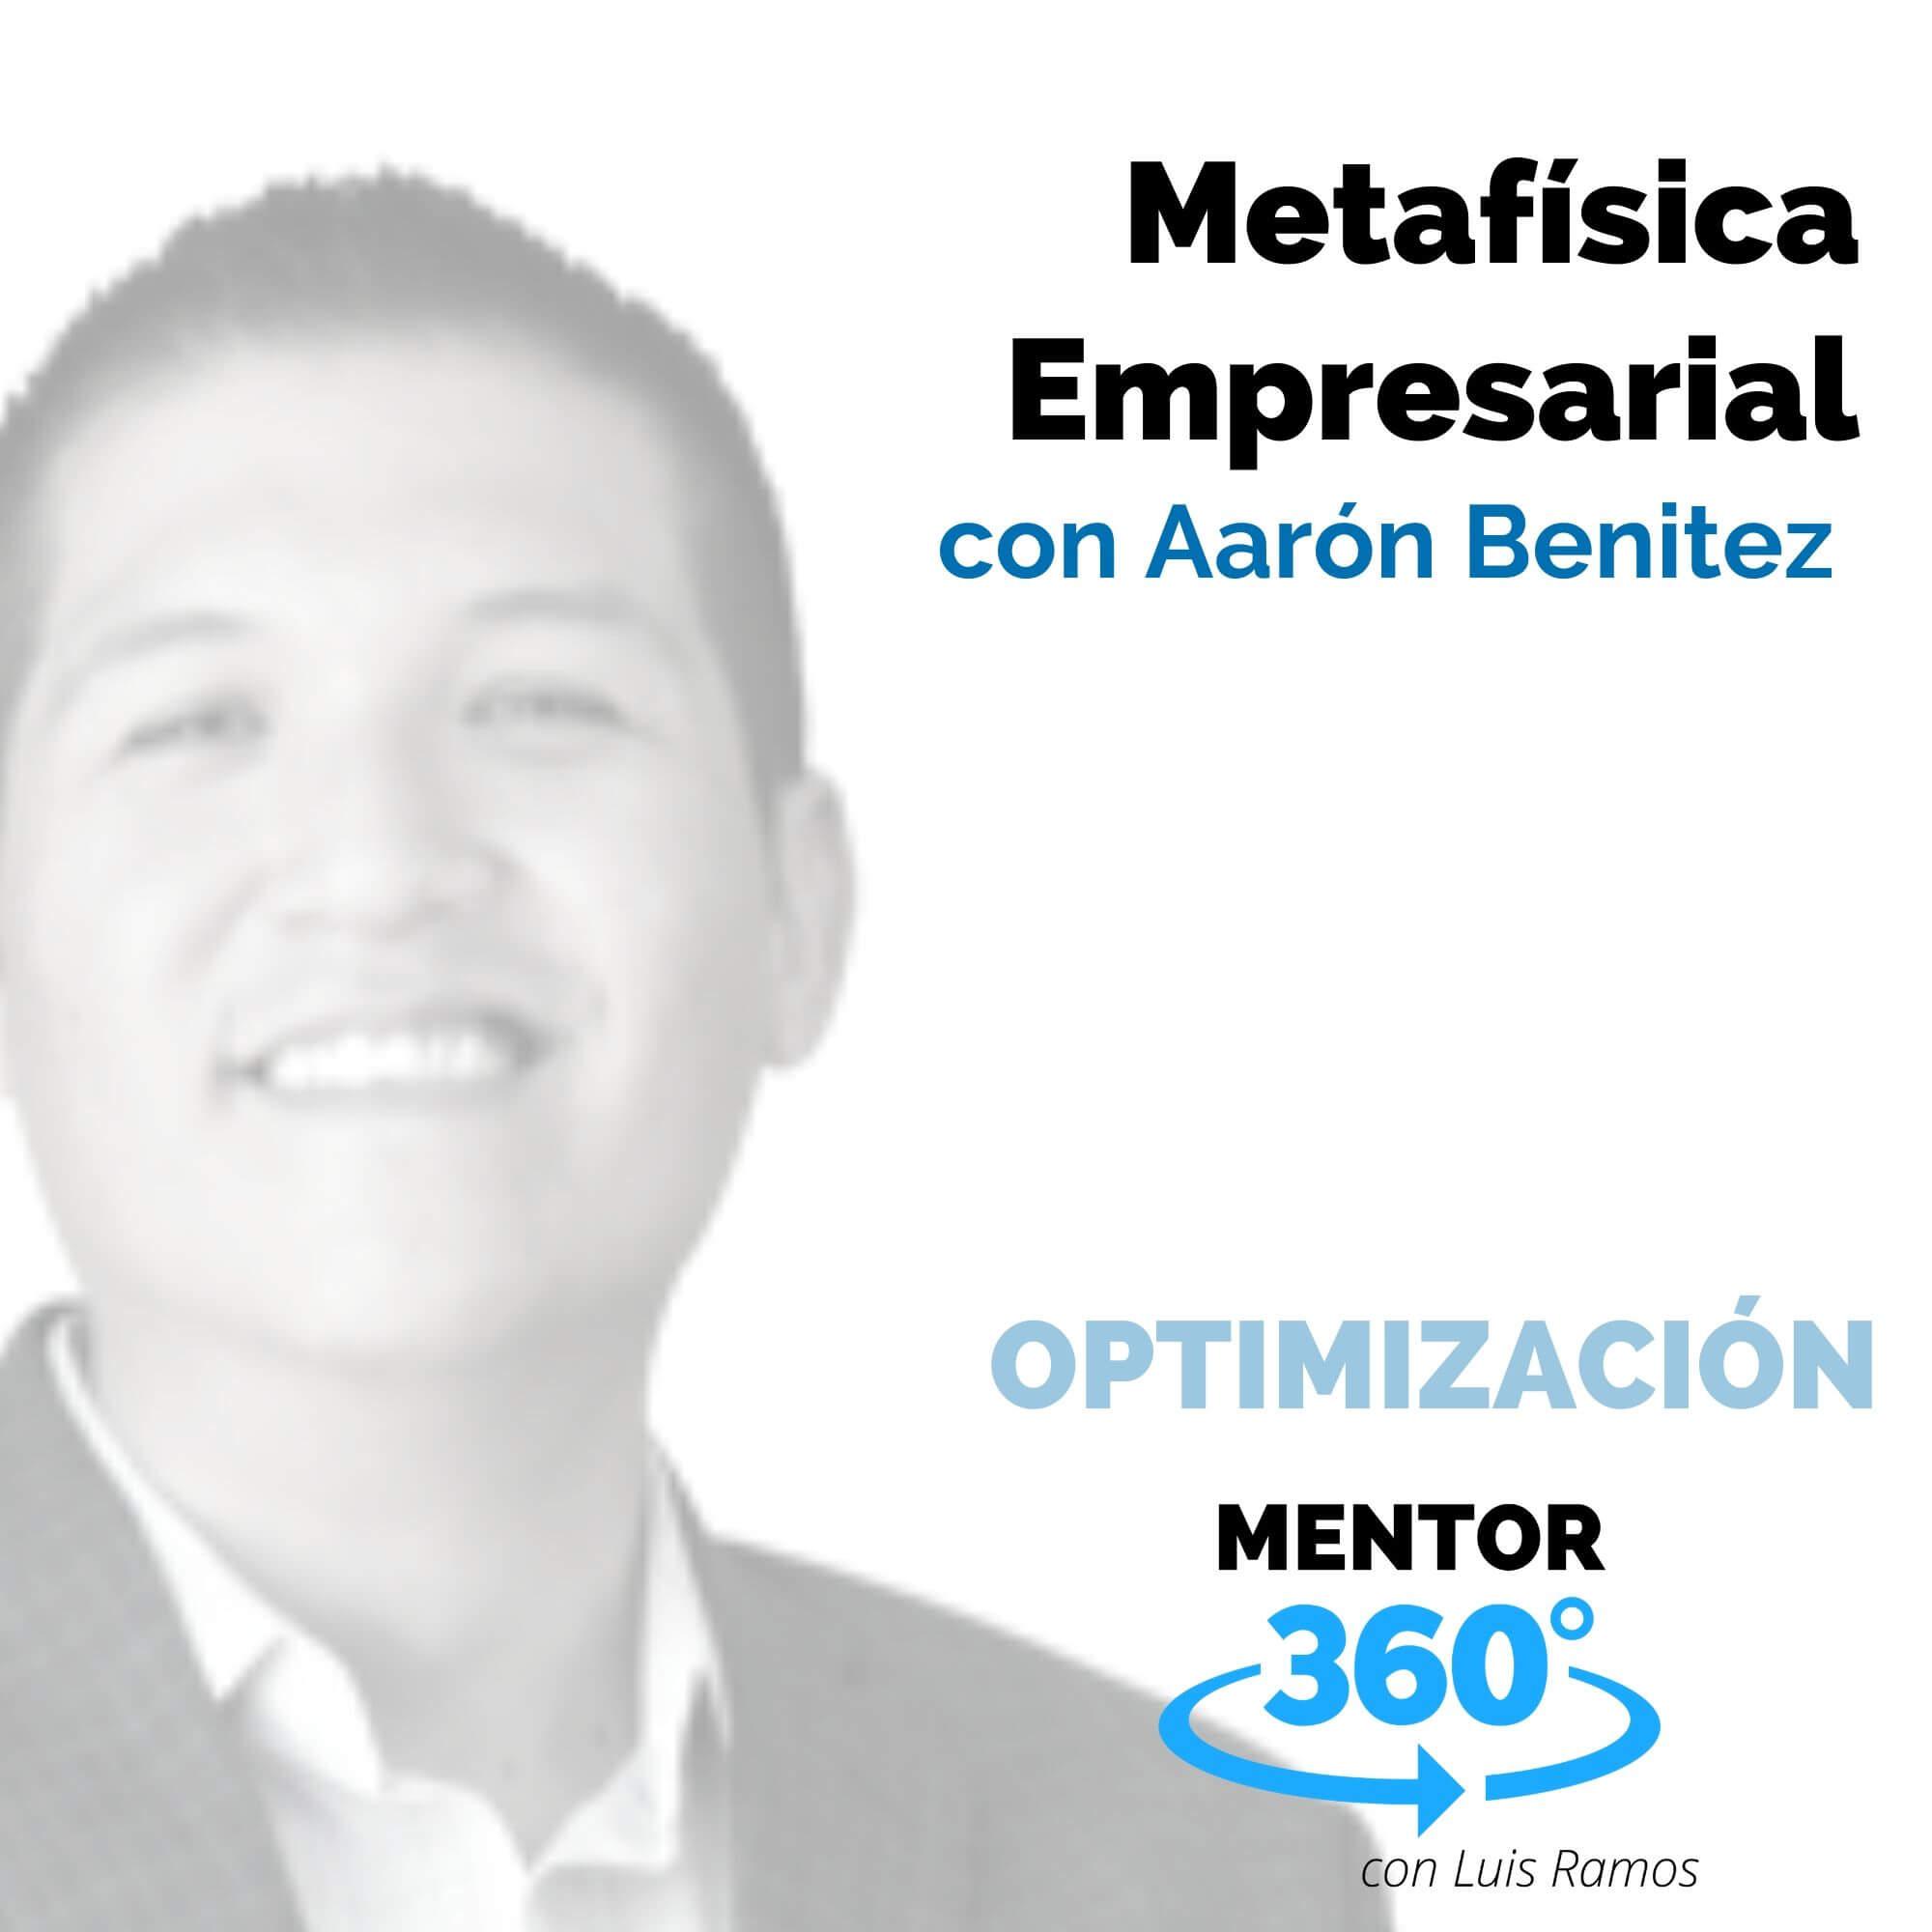 Metafísica Empresarial, con Aarón Benítez - OPTIMIZACIÓN